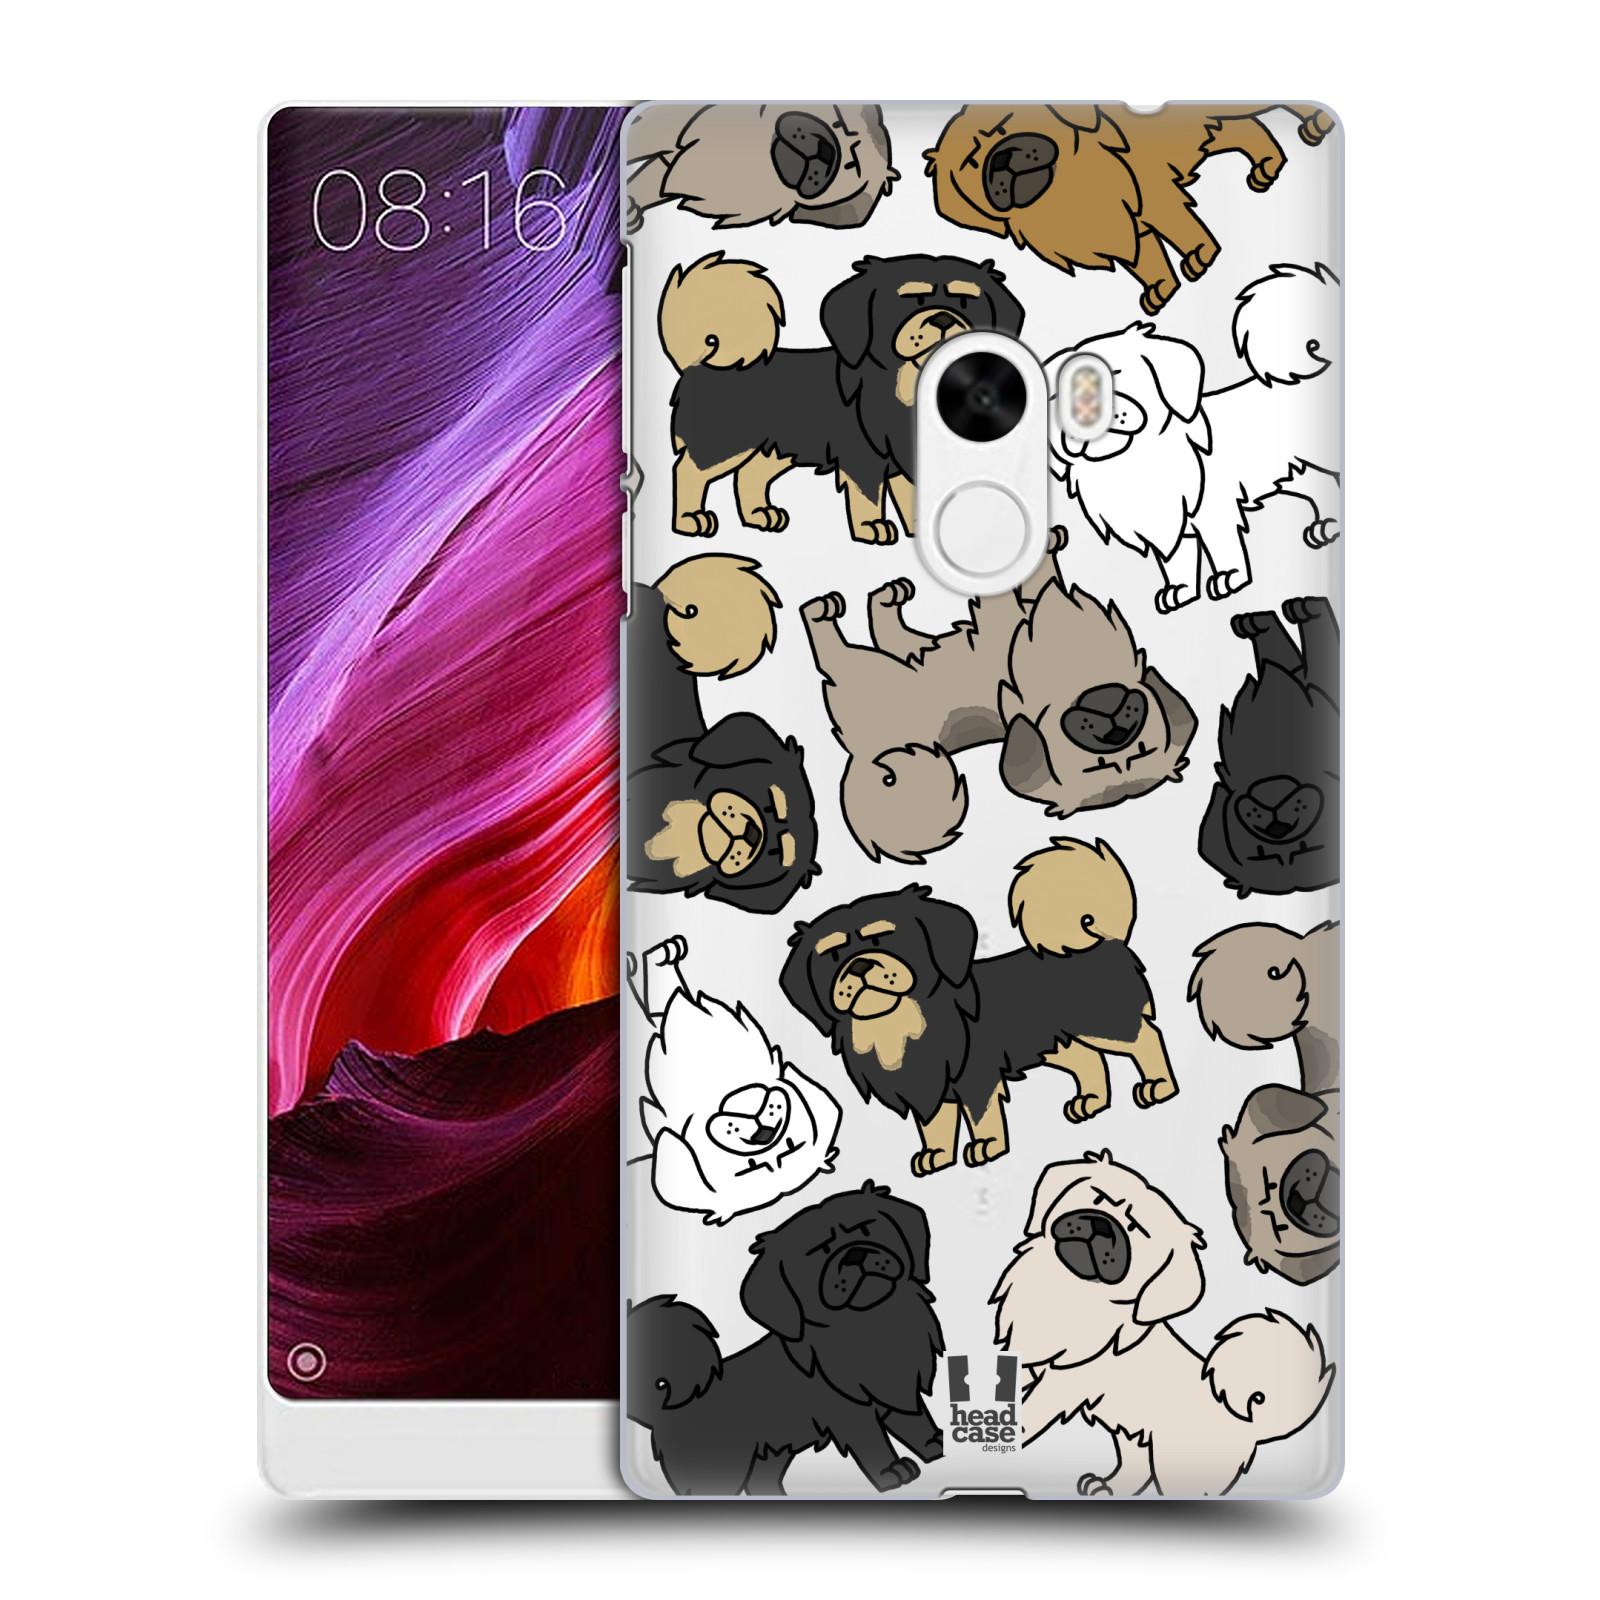 Funda-HEAD-CASE-DESIGNS-DE-RAZA-patrones-13-funda-rigida-posterior-para-Telefonos-Xiaomi